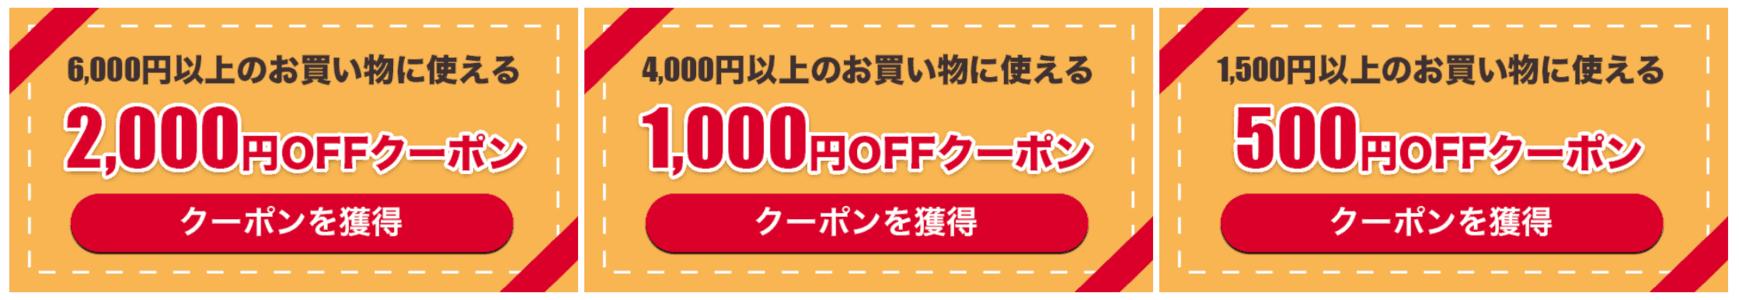 【期間限定】WONDERFULL「2000円OFF」クーポンプレゼント